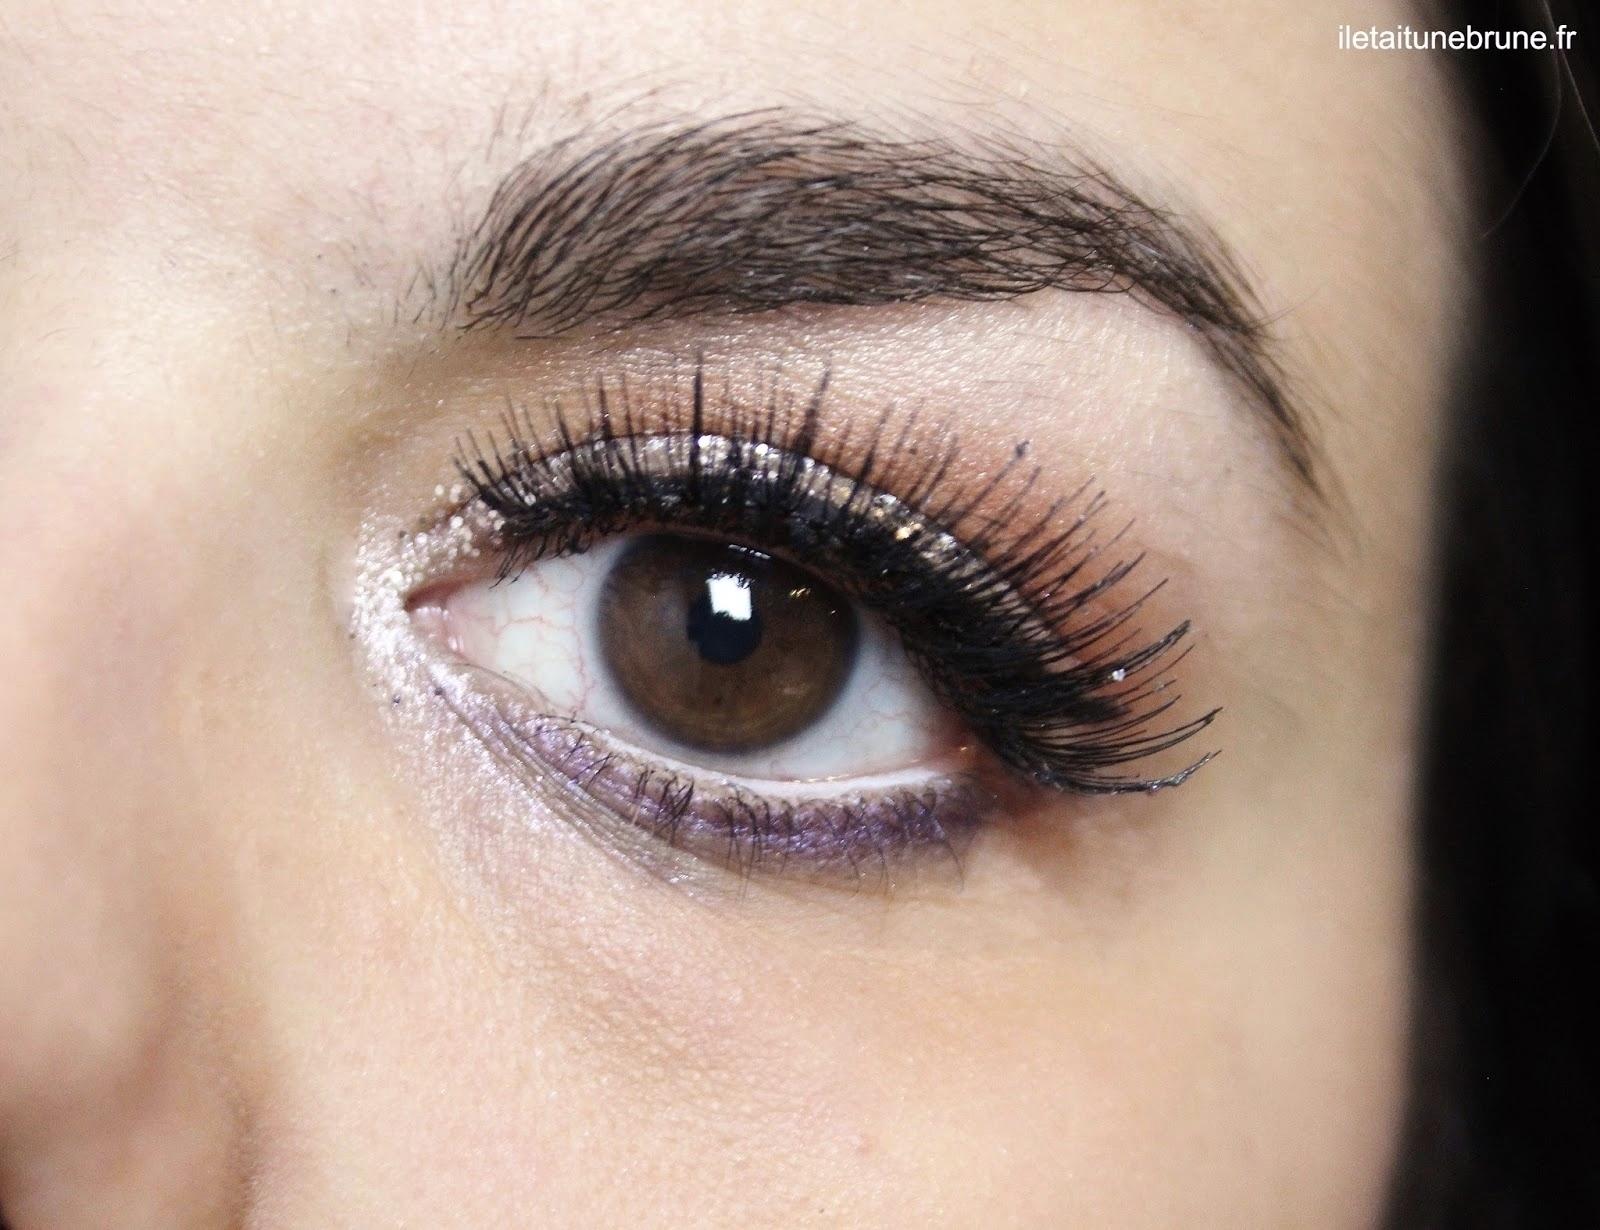 Maquillage paillettes argentées, faux-cils, underliner violet